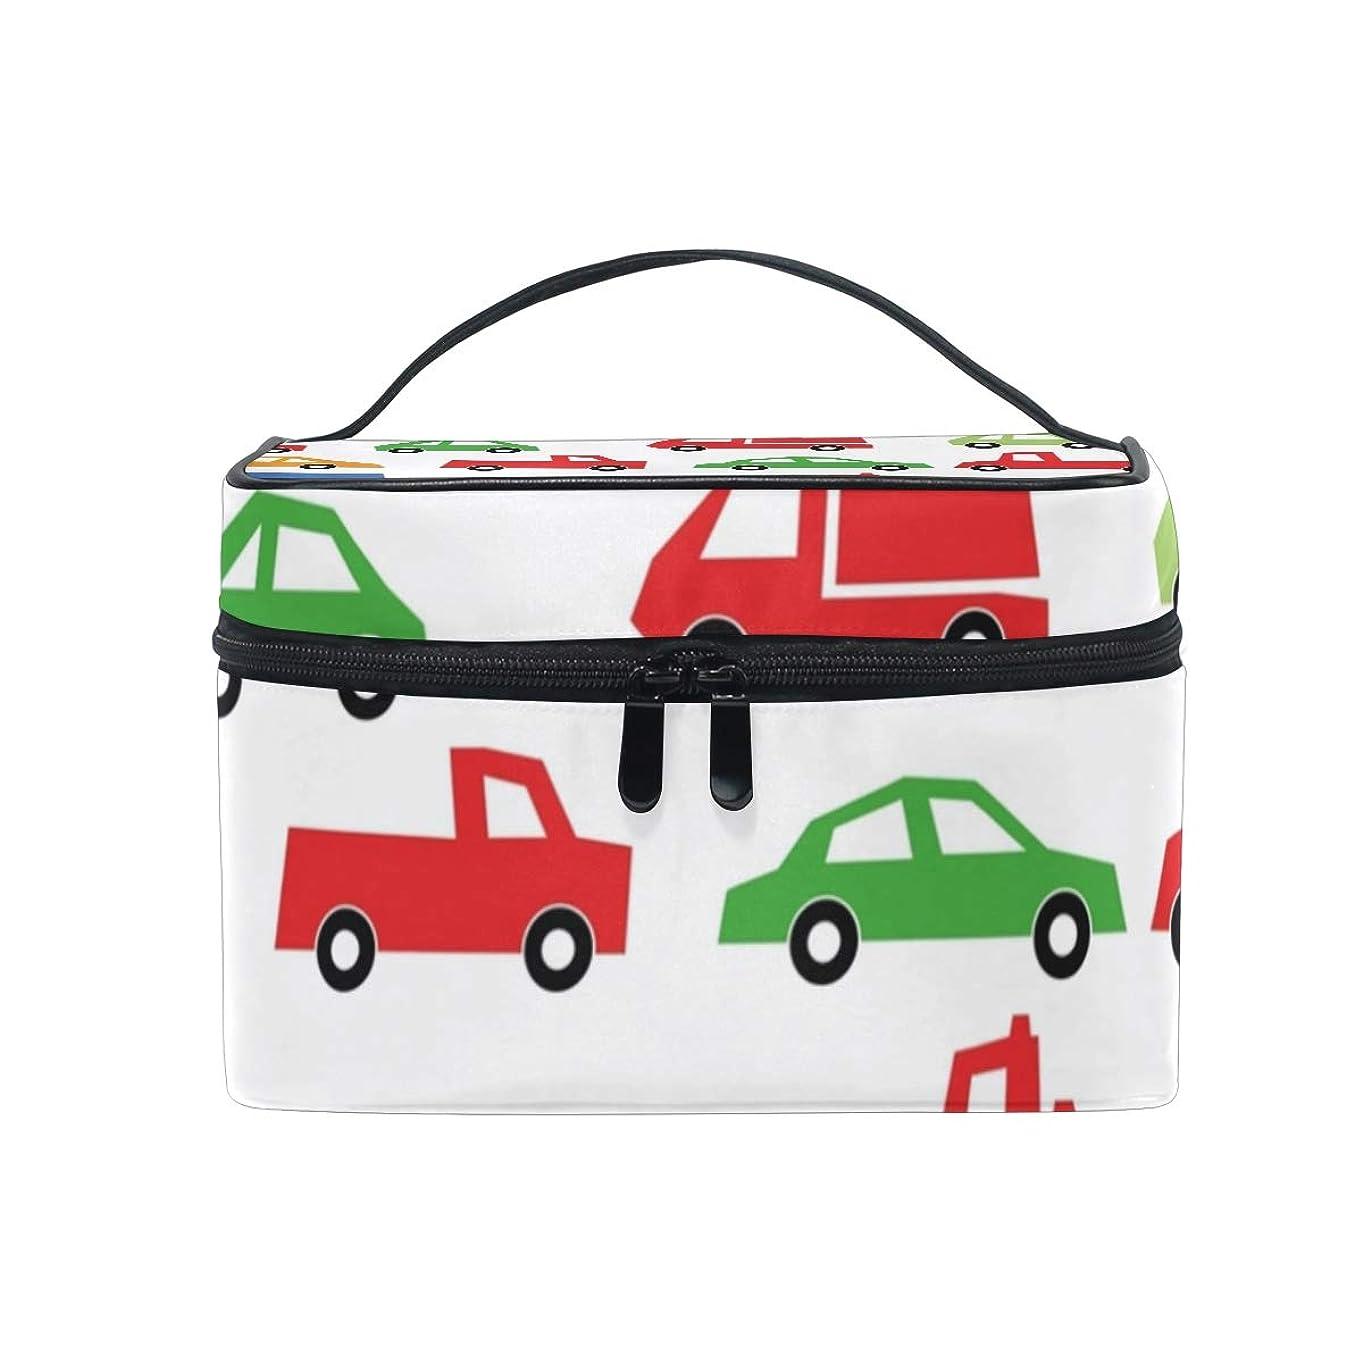 剃る接ぎ木伝説メイクボックス おもちゃの車柄 化粧ポーチ 化粧品 化粧道具 小物入れ メイクブラシバッグ 大容量 旅行用 収納ケース